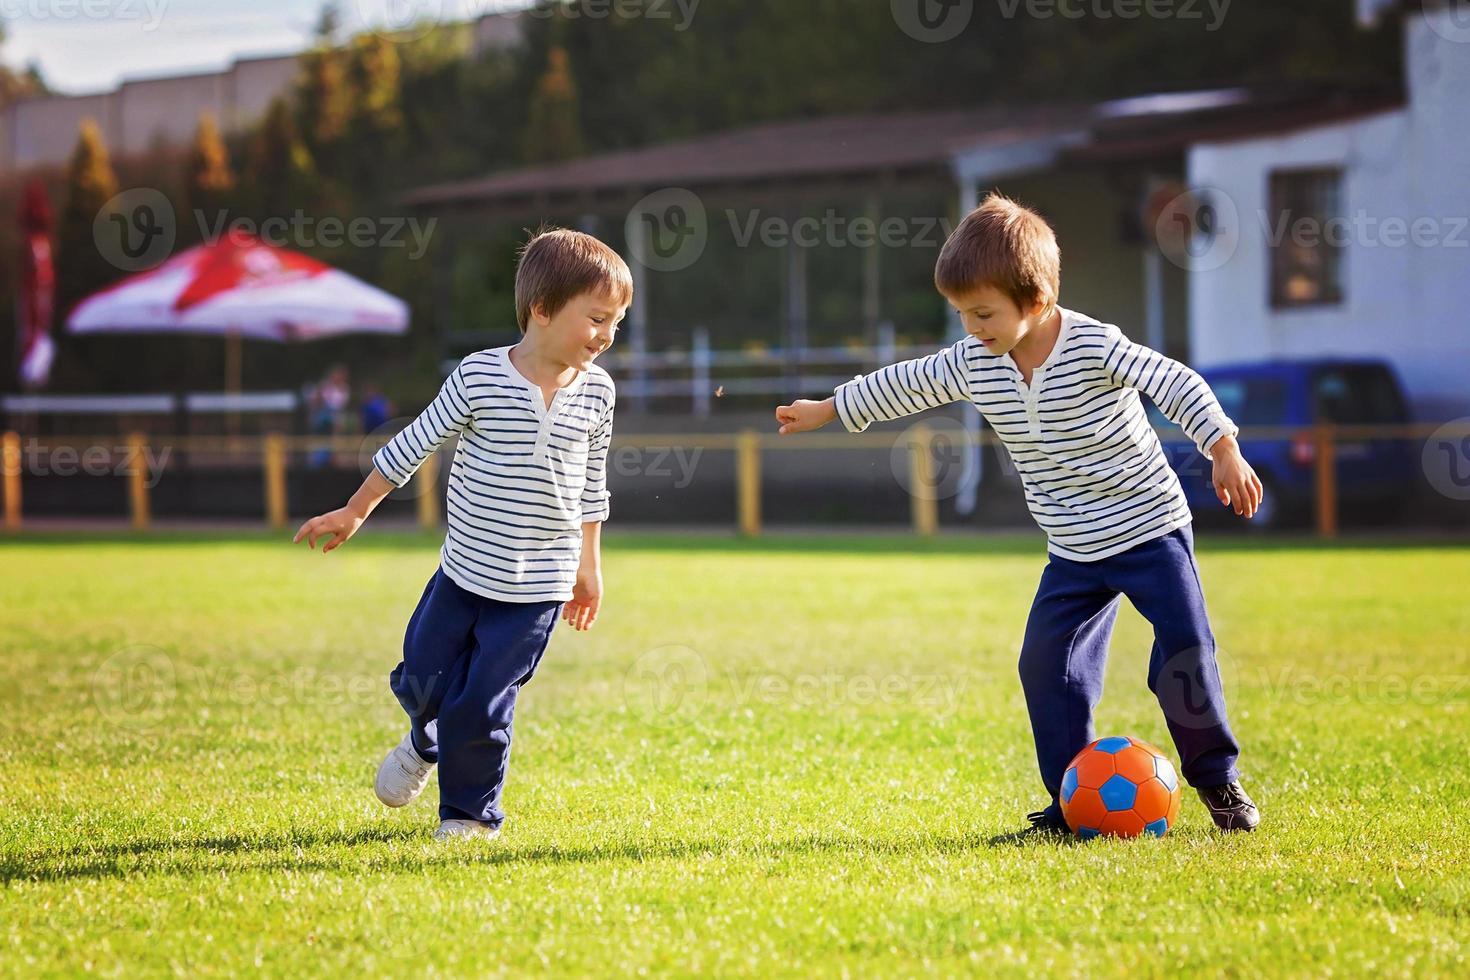 deux mignons petits garçons, jouer au football photo